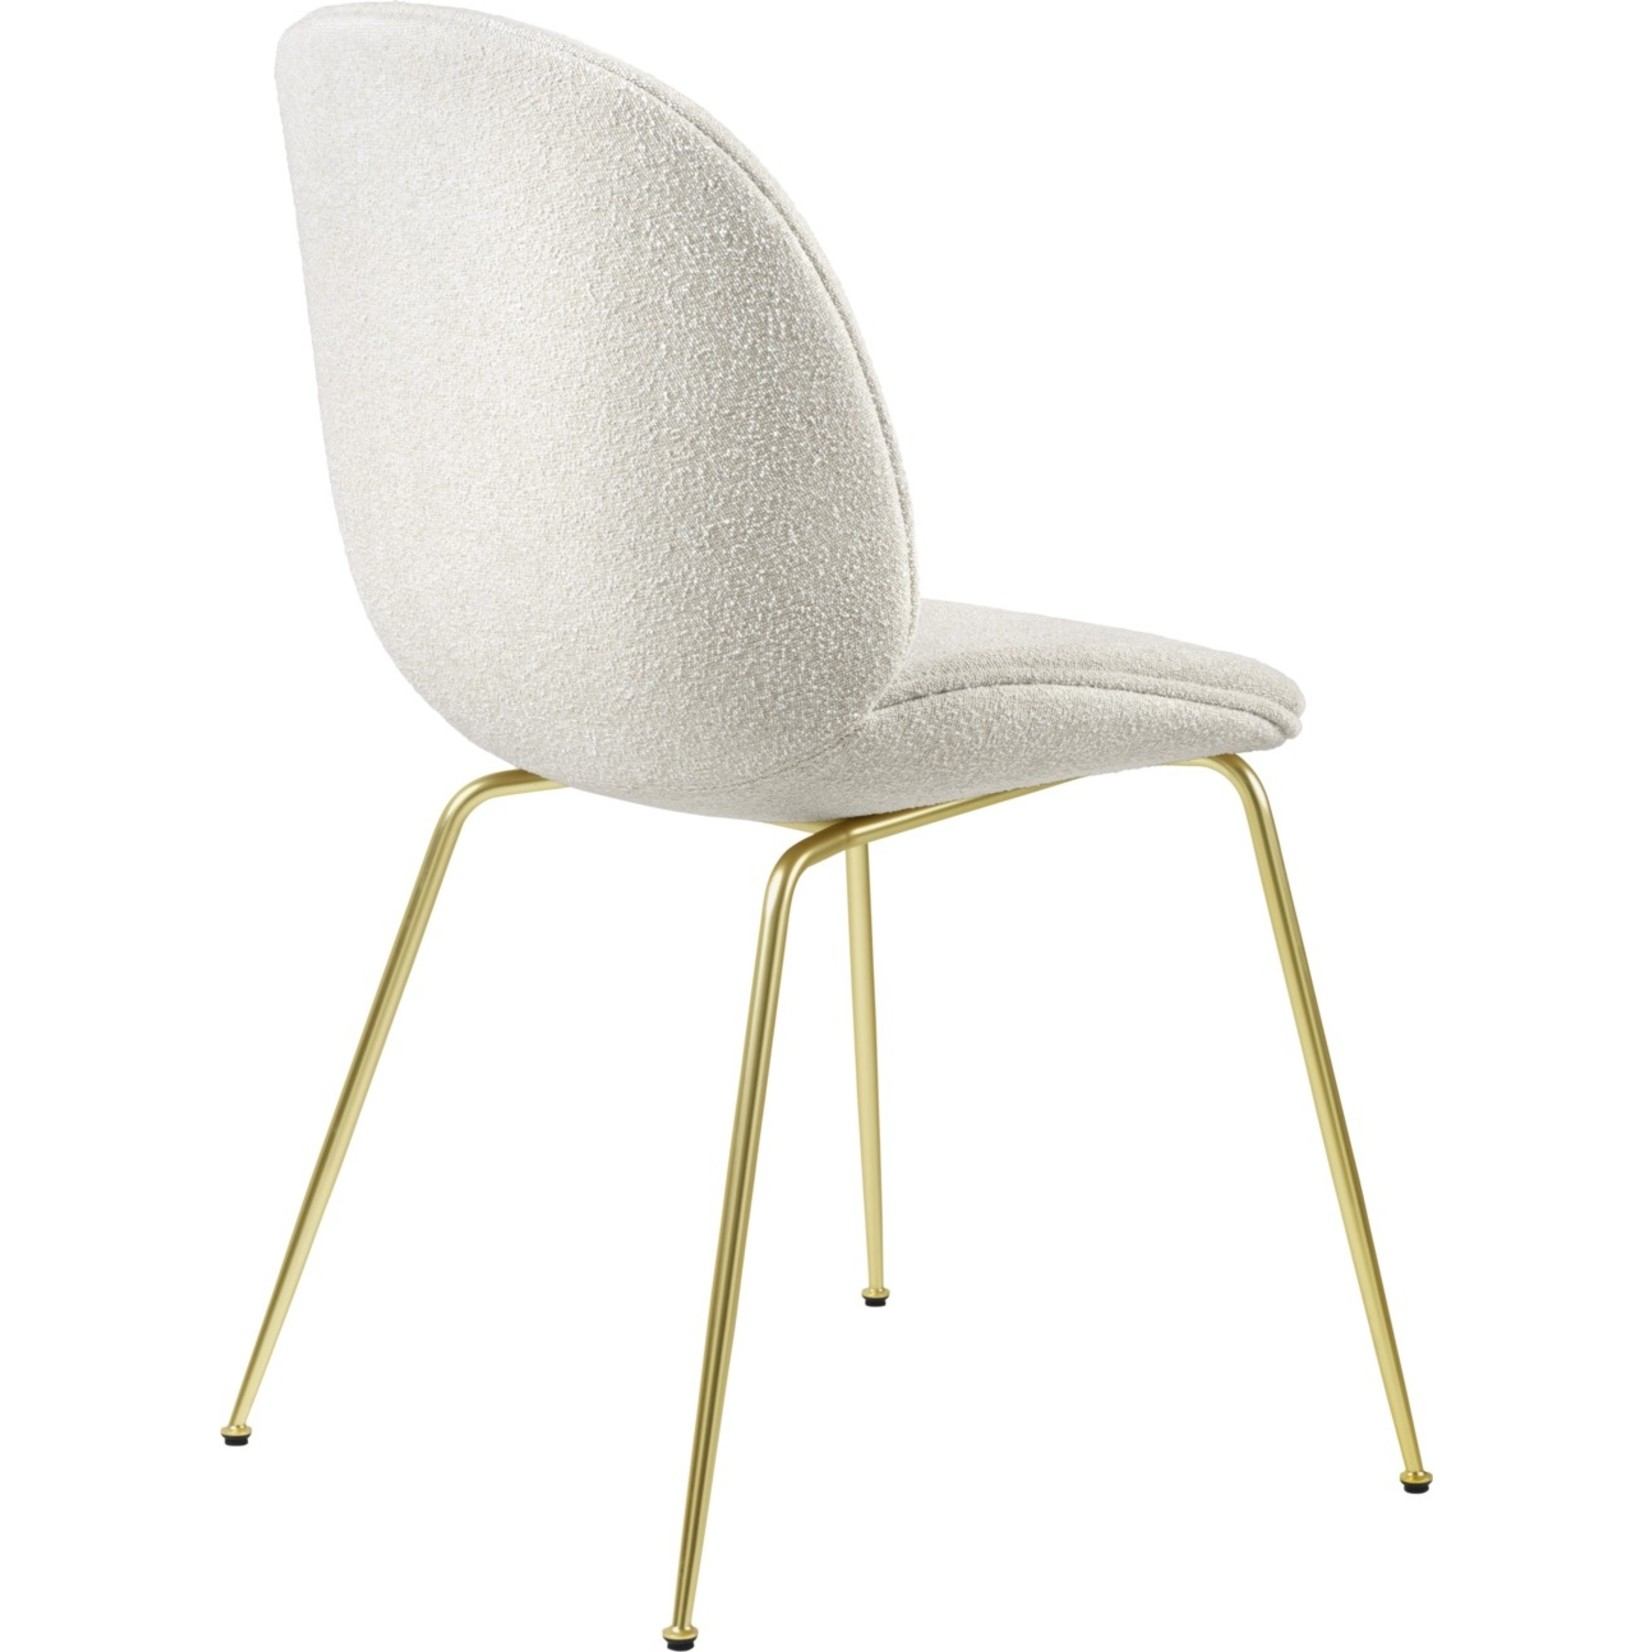 Gubi Beetle Dining Chair | Light Bouclé 001 & Brass Semi Matt Base